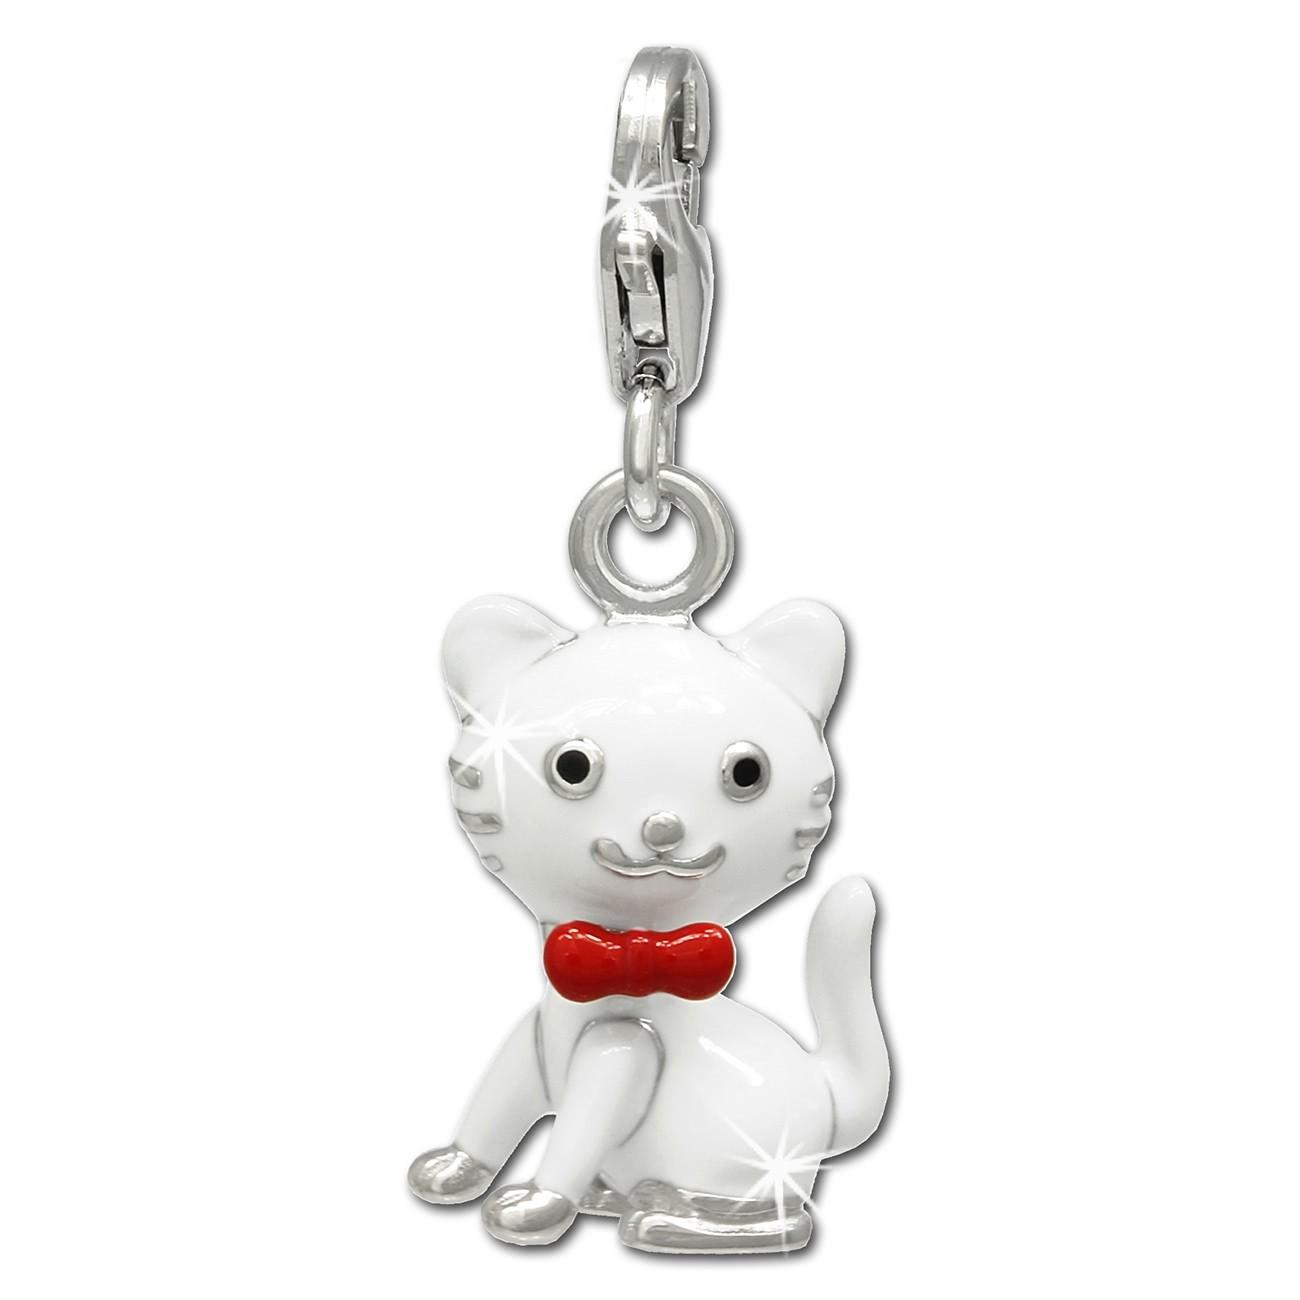 SilberDream Charm Kätzchen weiß 925er Silber Armband Anhänger FC693